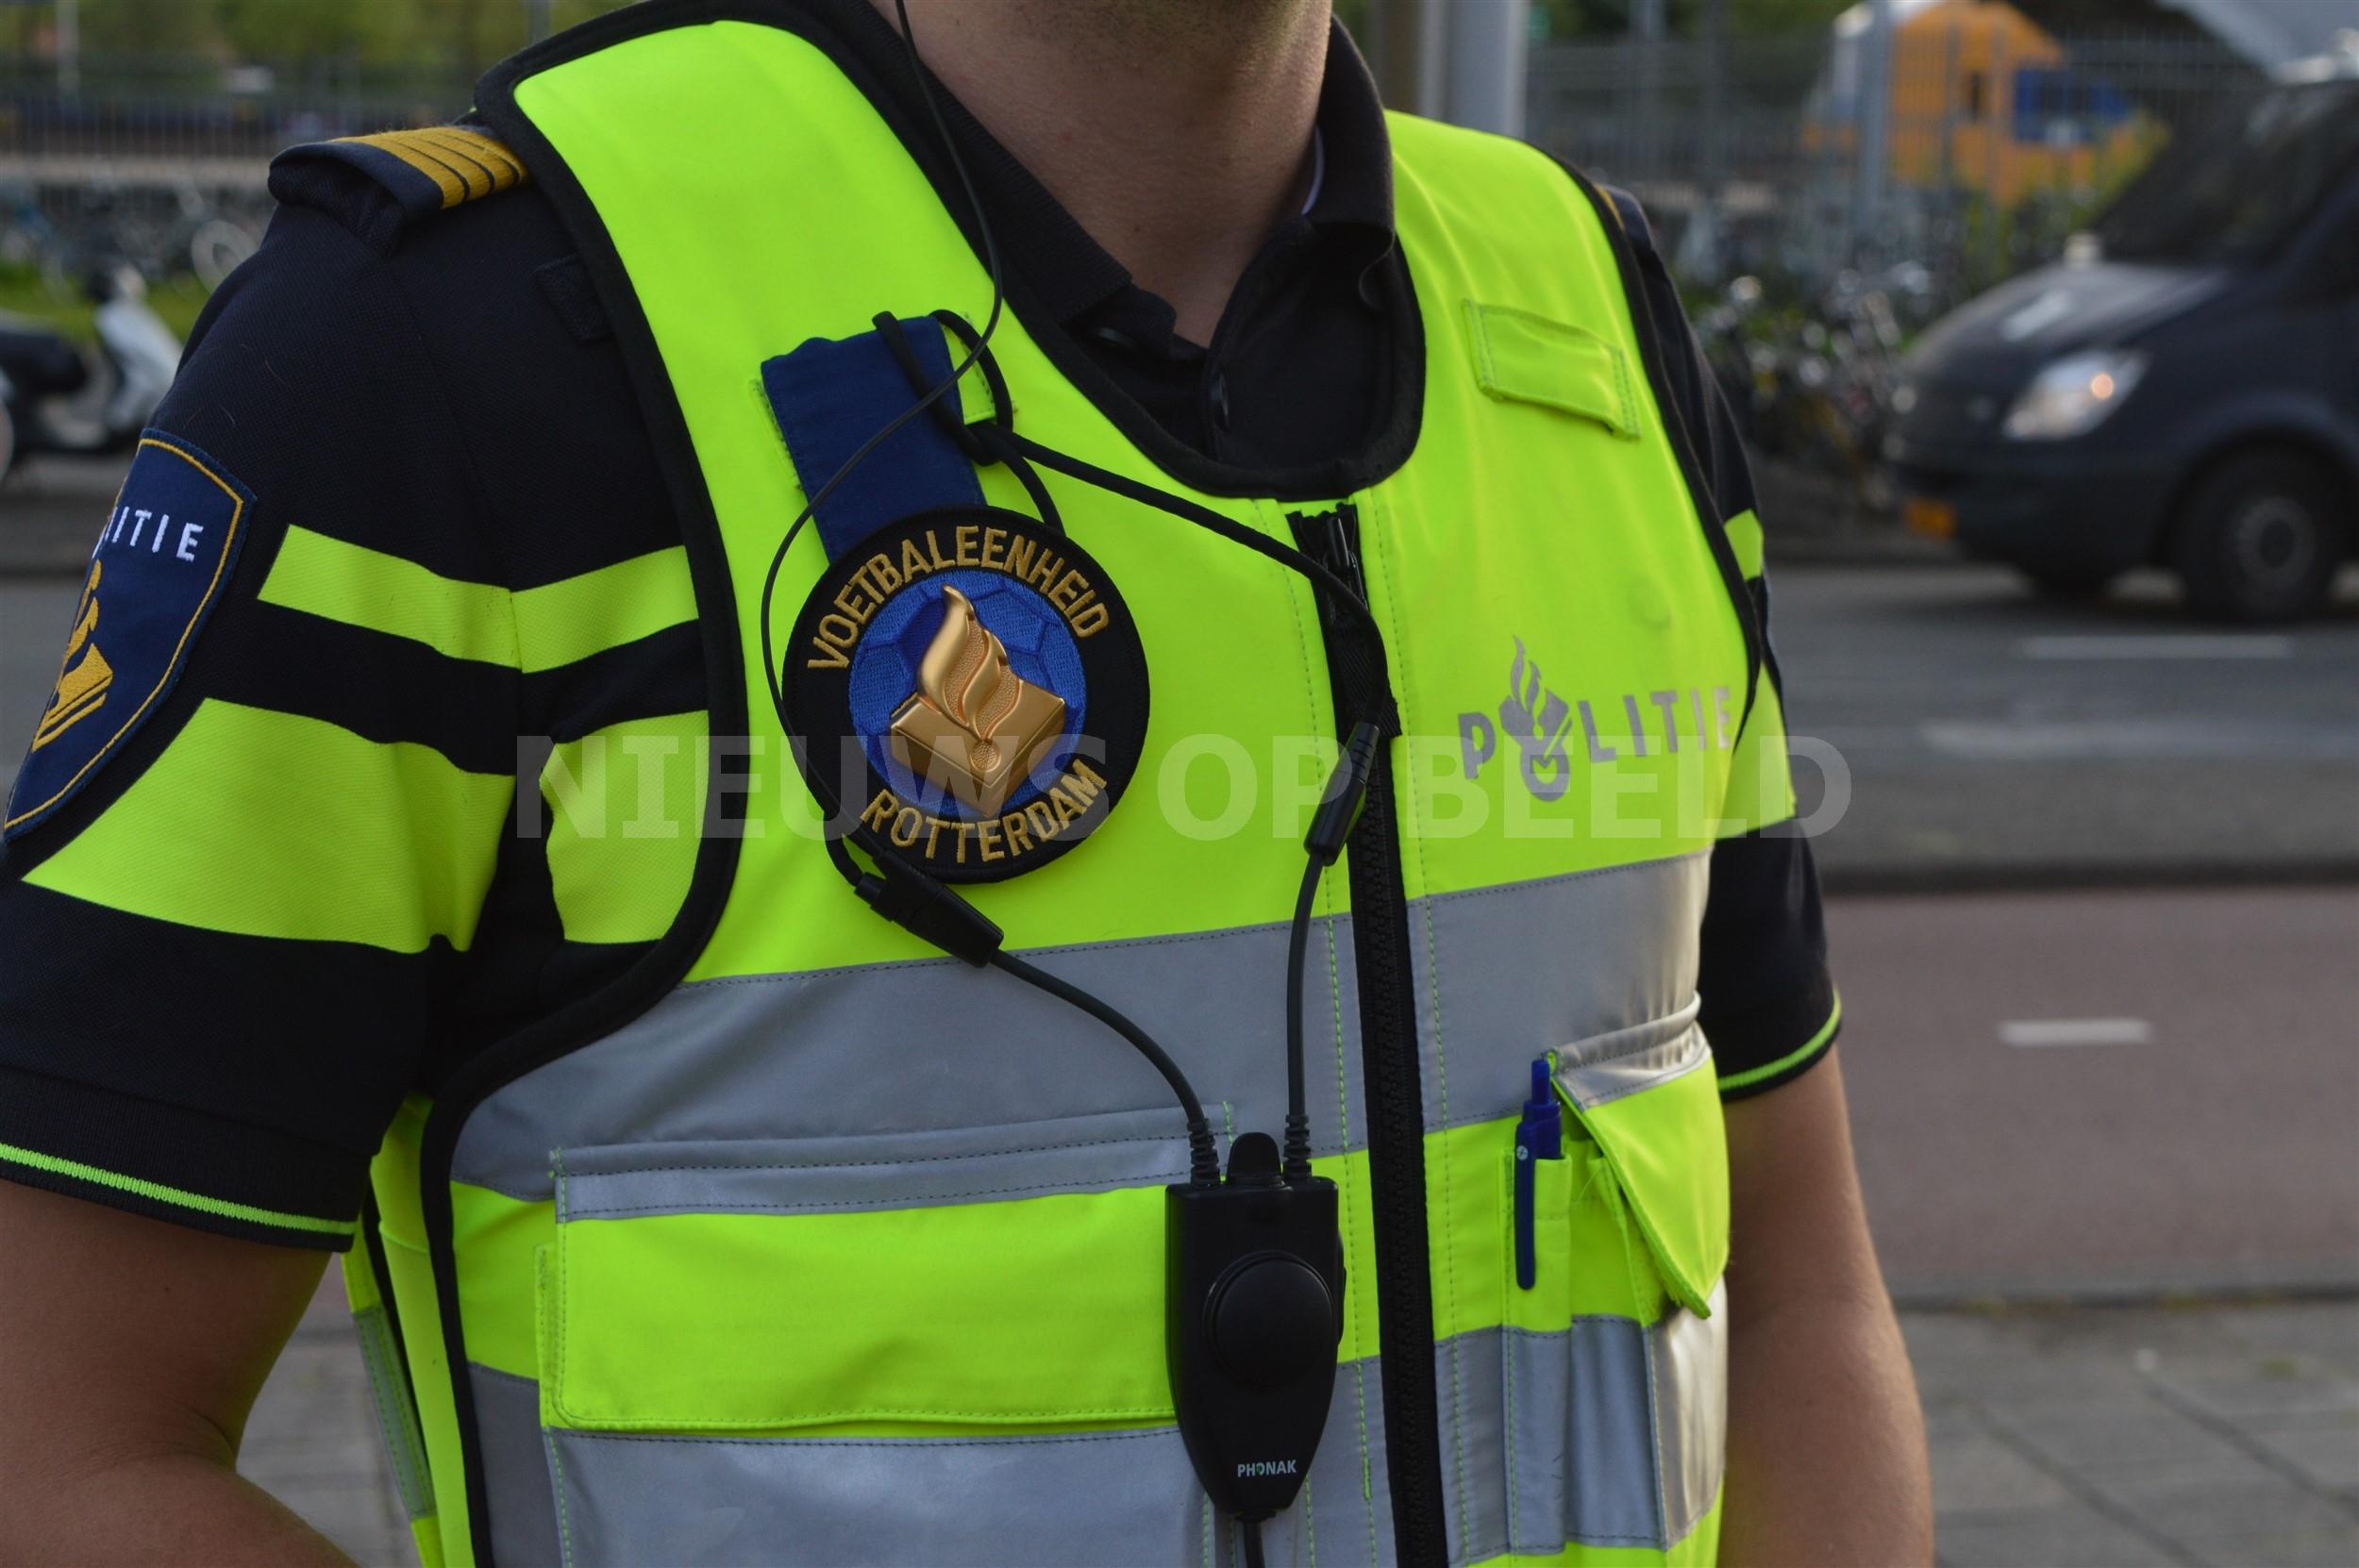 Carjacking op de Zuiderparklaan in Den-Haag